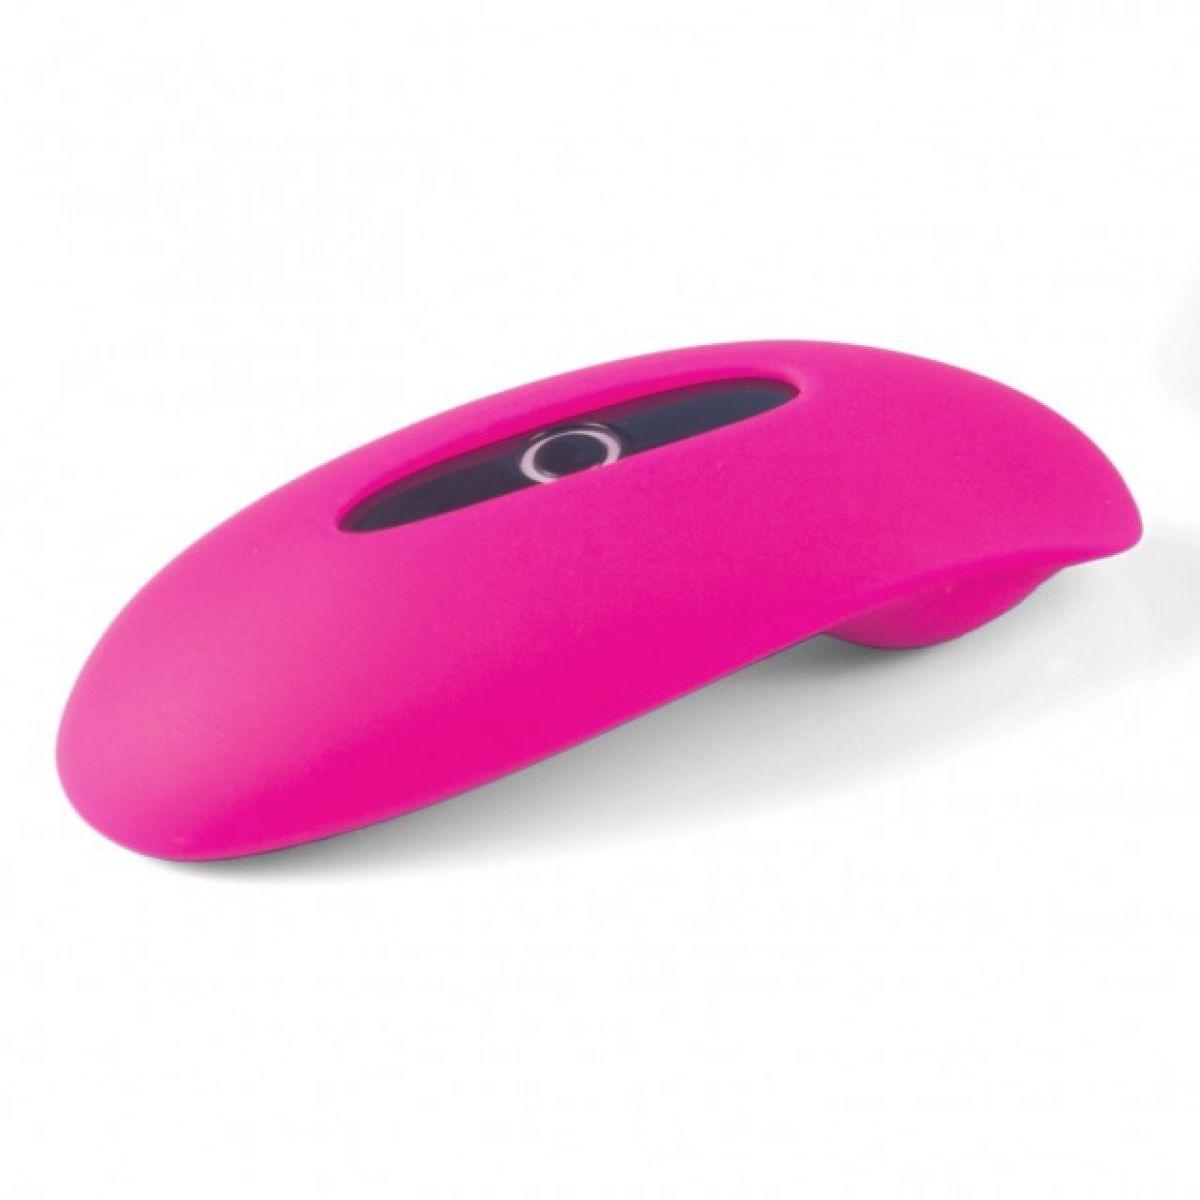 Музыкальный стимулятор клитора Magic Motion Candy smart